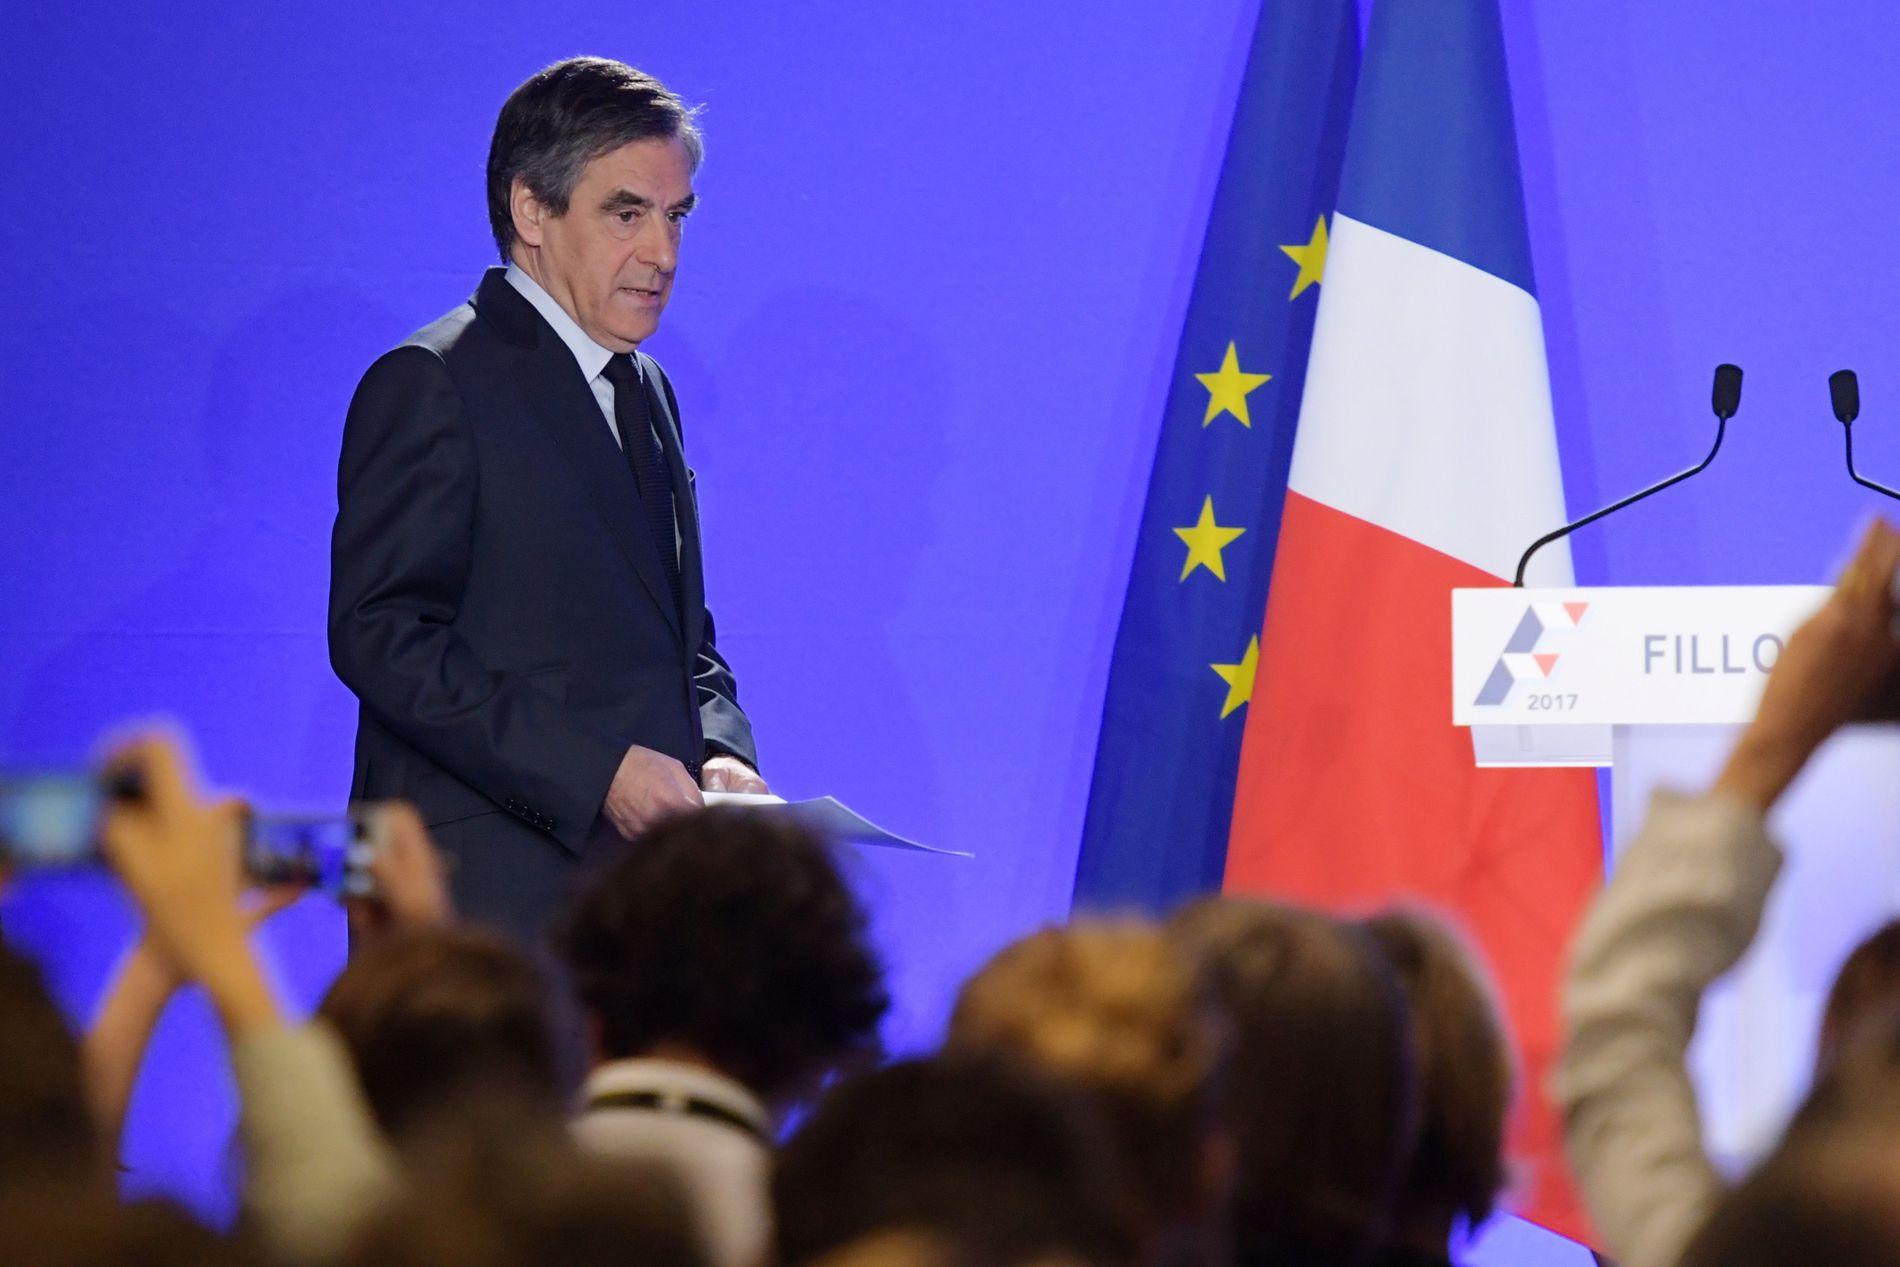 PRESSEKONFERANSE: Francois Fillon kunngjorde på en pressekonferanse i dag at han fortsetter valgkampen for å bli fransk president.